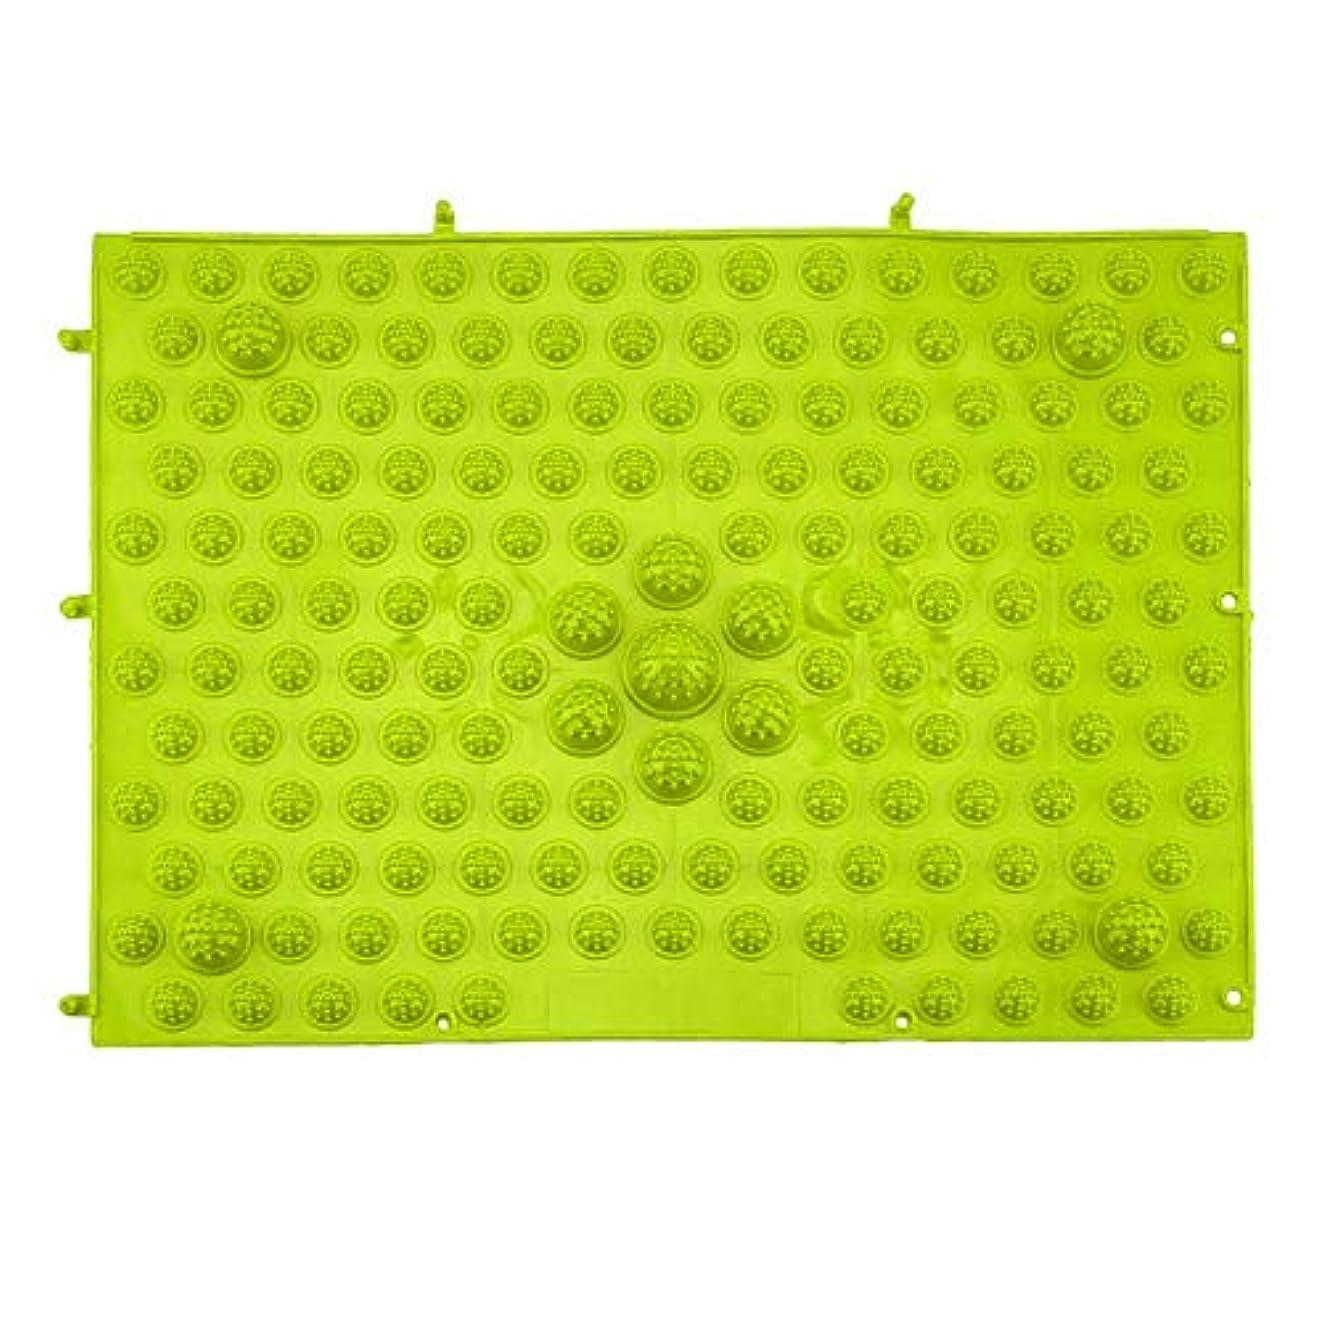 シルエット断片温室指圧フットマットランニングマンゲーム同型フットリフレクソロジーウォーキングマッサージマット用痛み緩和ストレス緩和37x27.5cm - グリーン